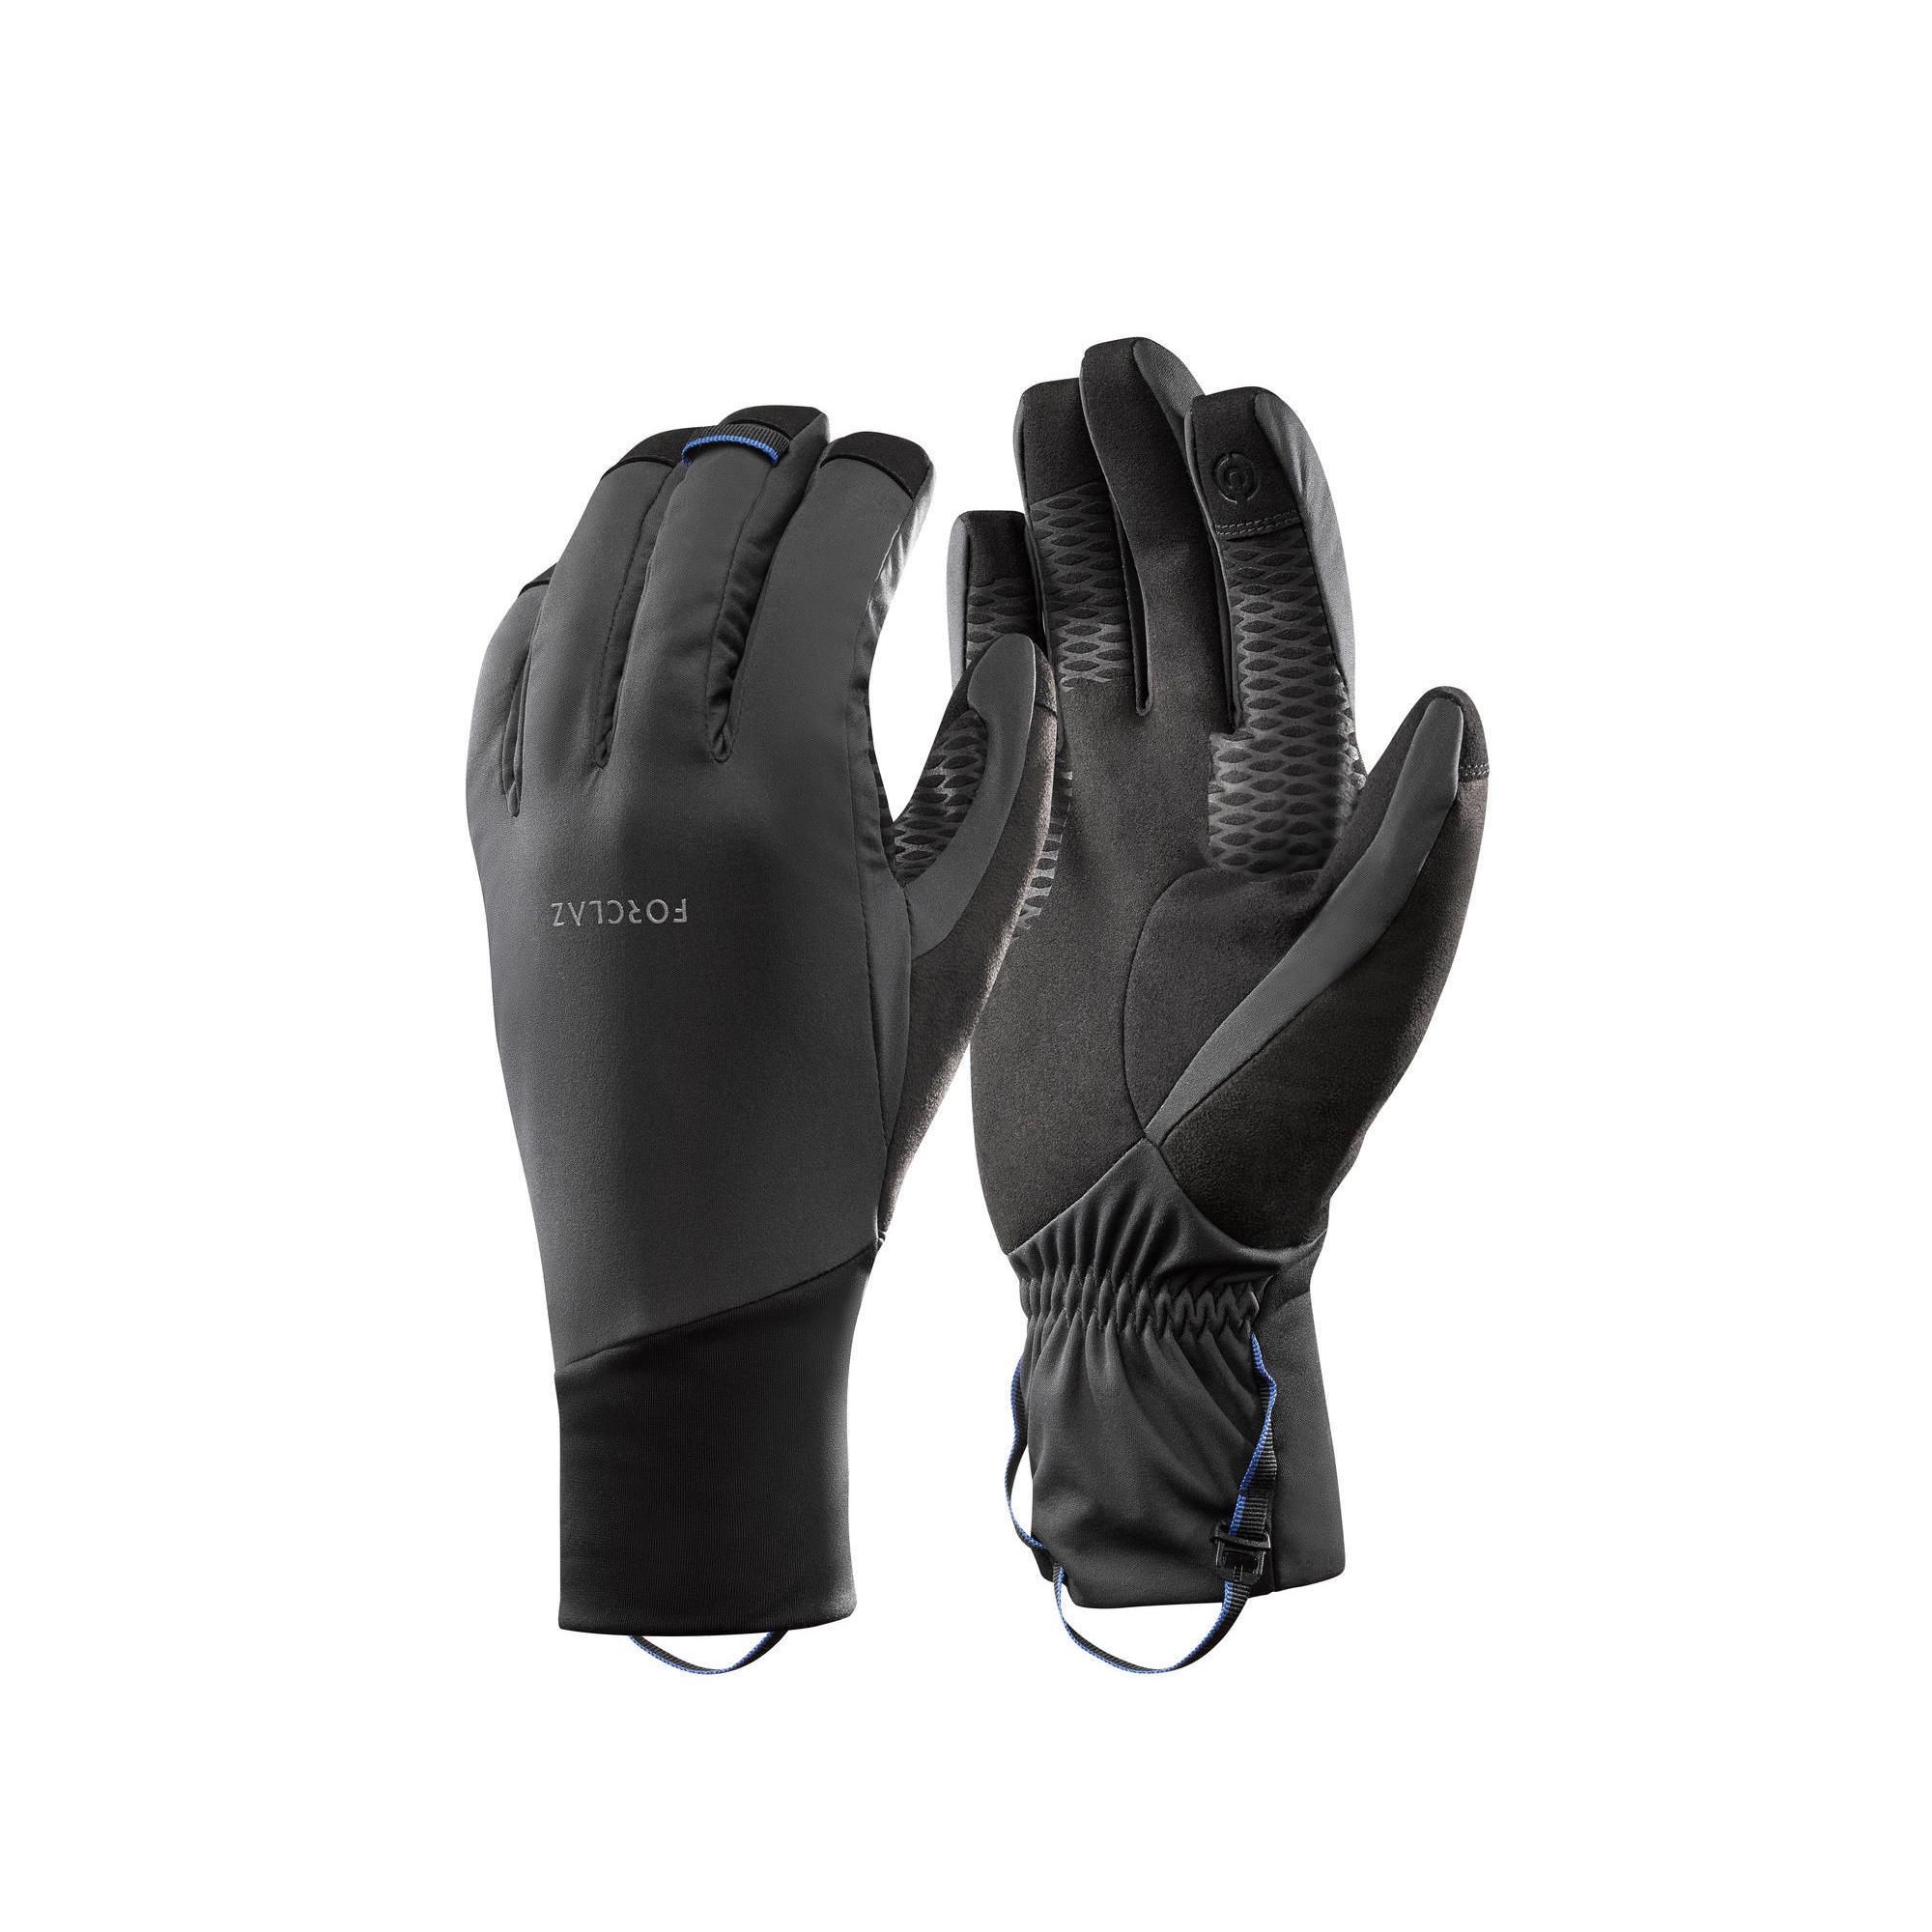 Forclaz Winddichte handschoenen voor bergtrekking Trek 700 volwassenen grijs